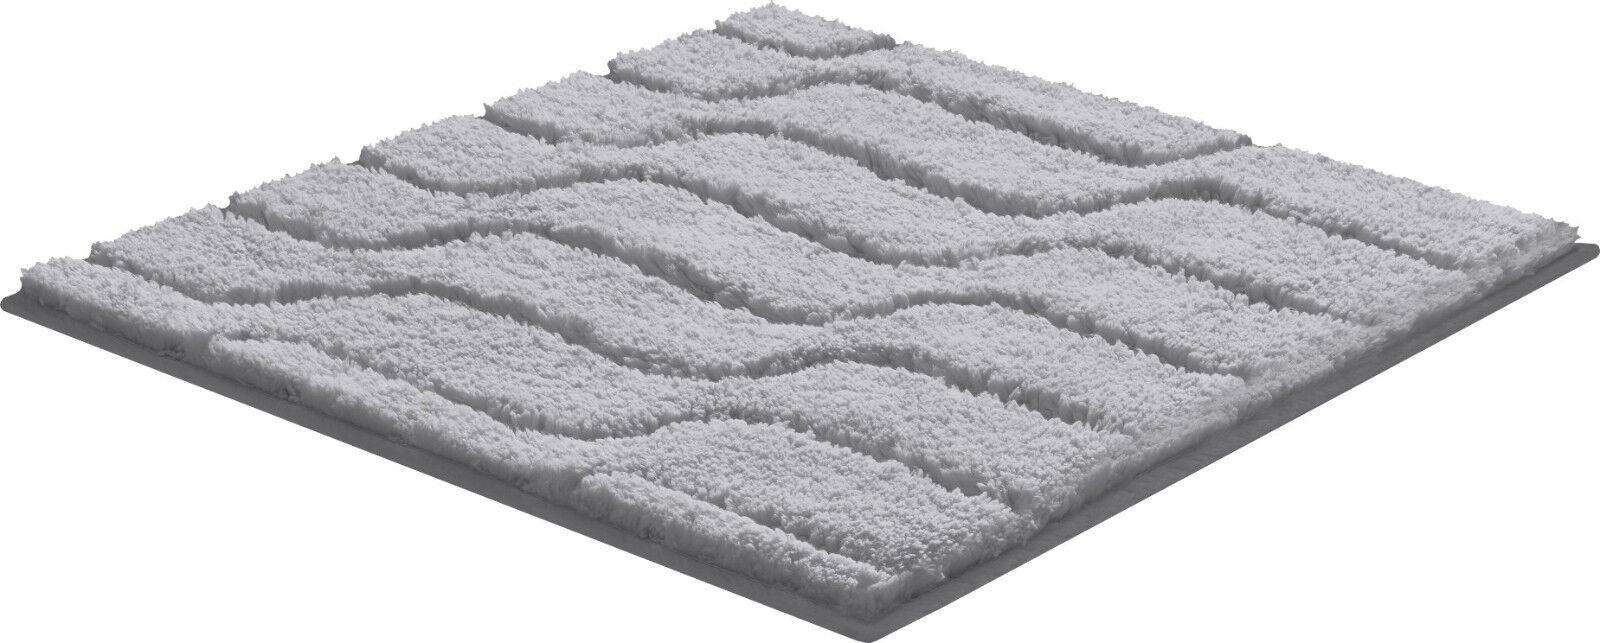 Qualitäts Baumwoll Badteppich Vogue Farbe grau   3 Größen | Clearance Sale